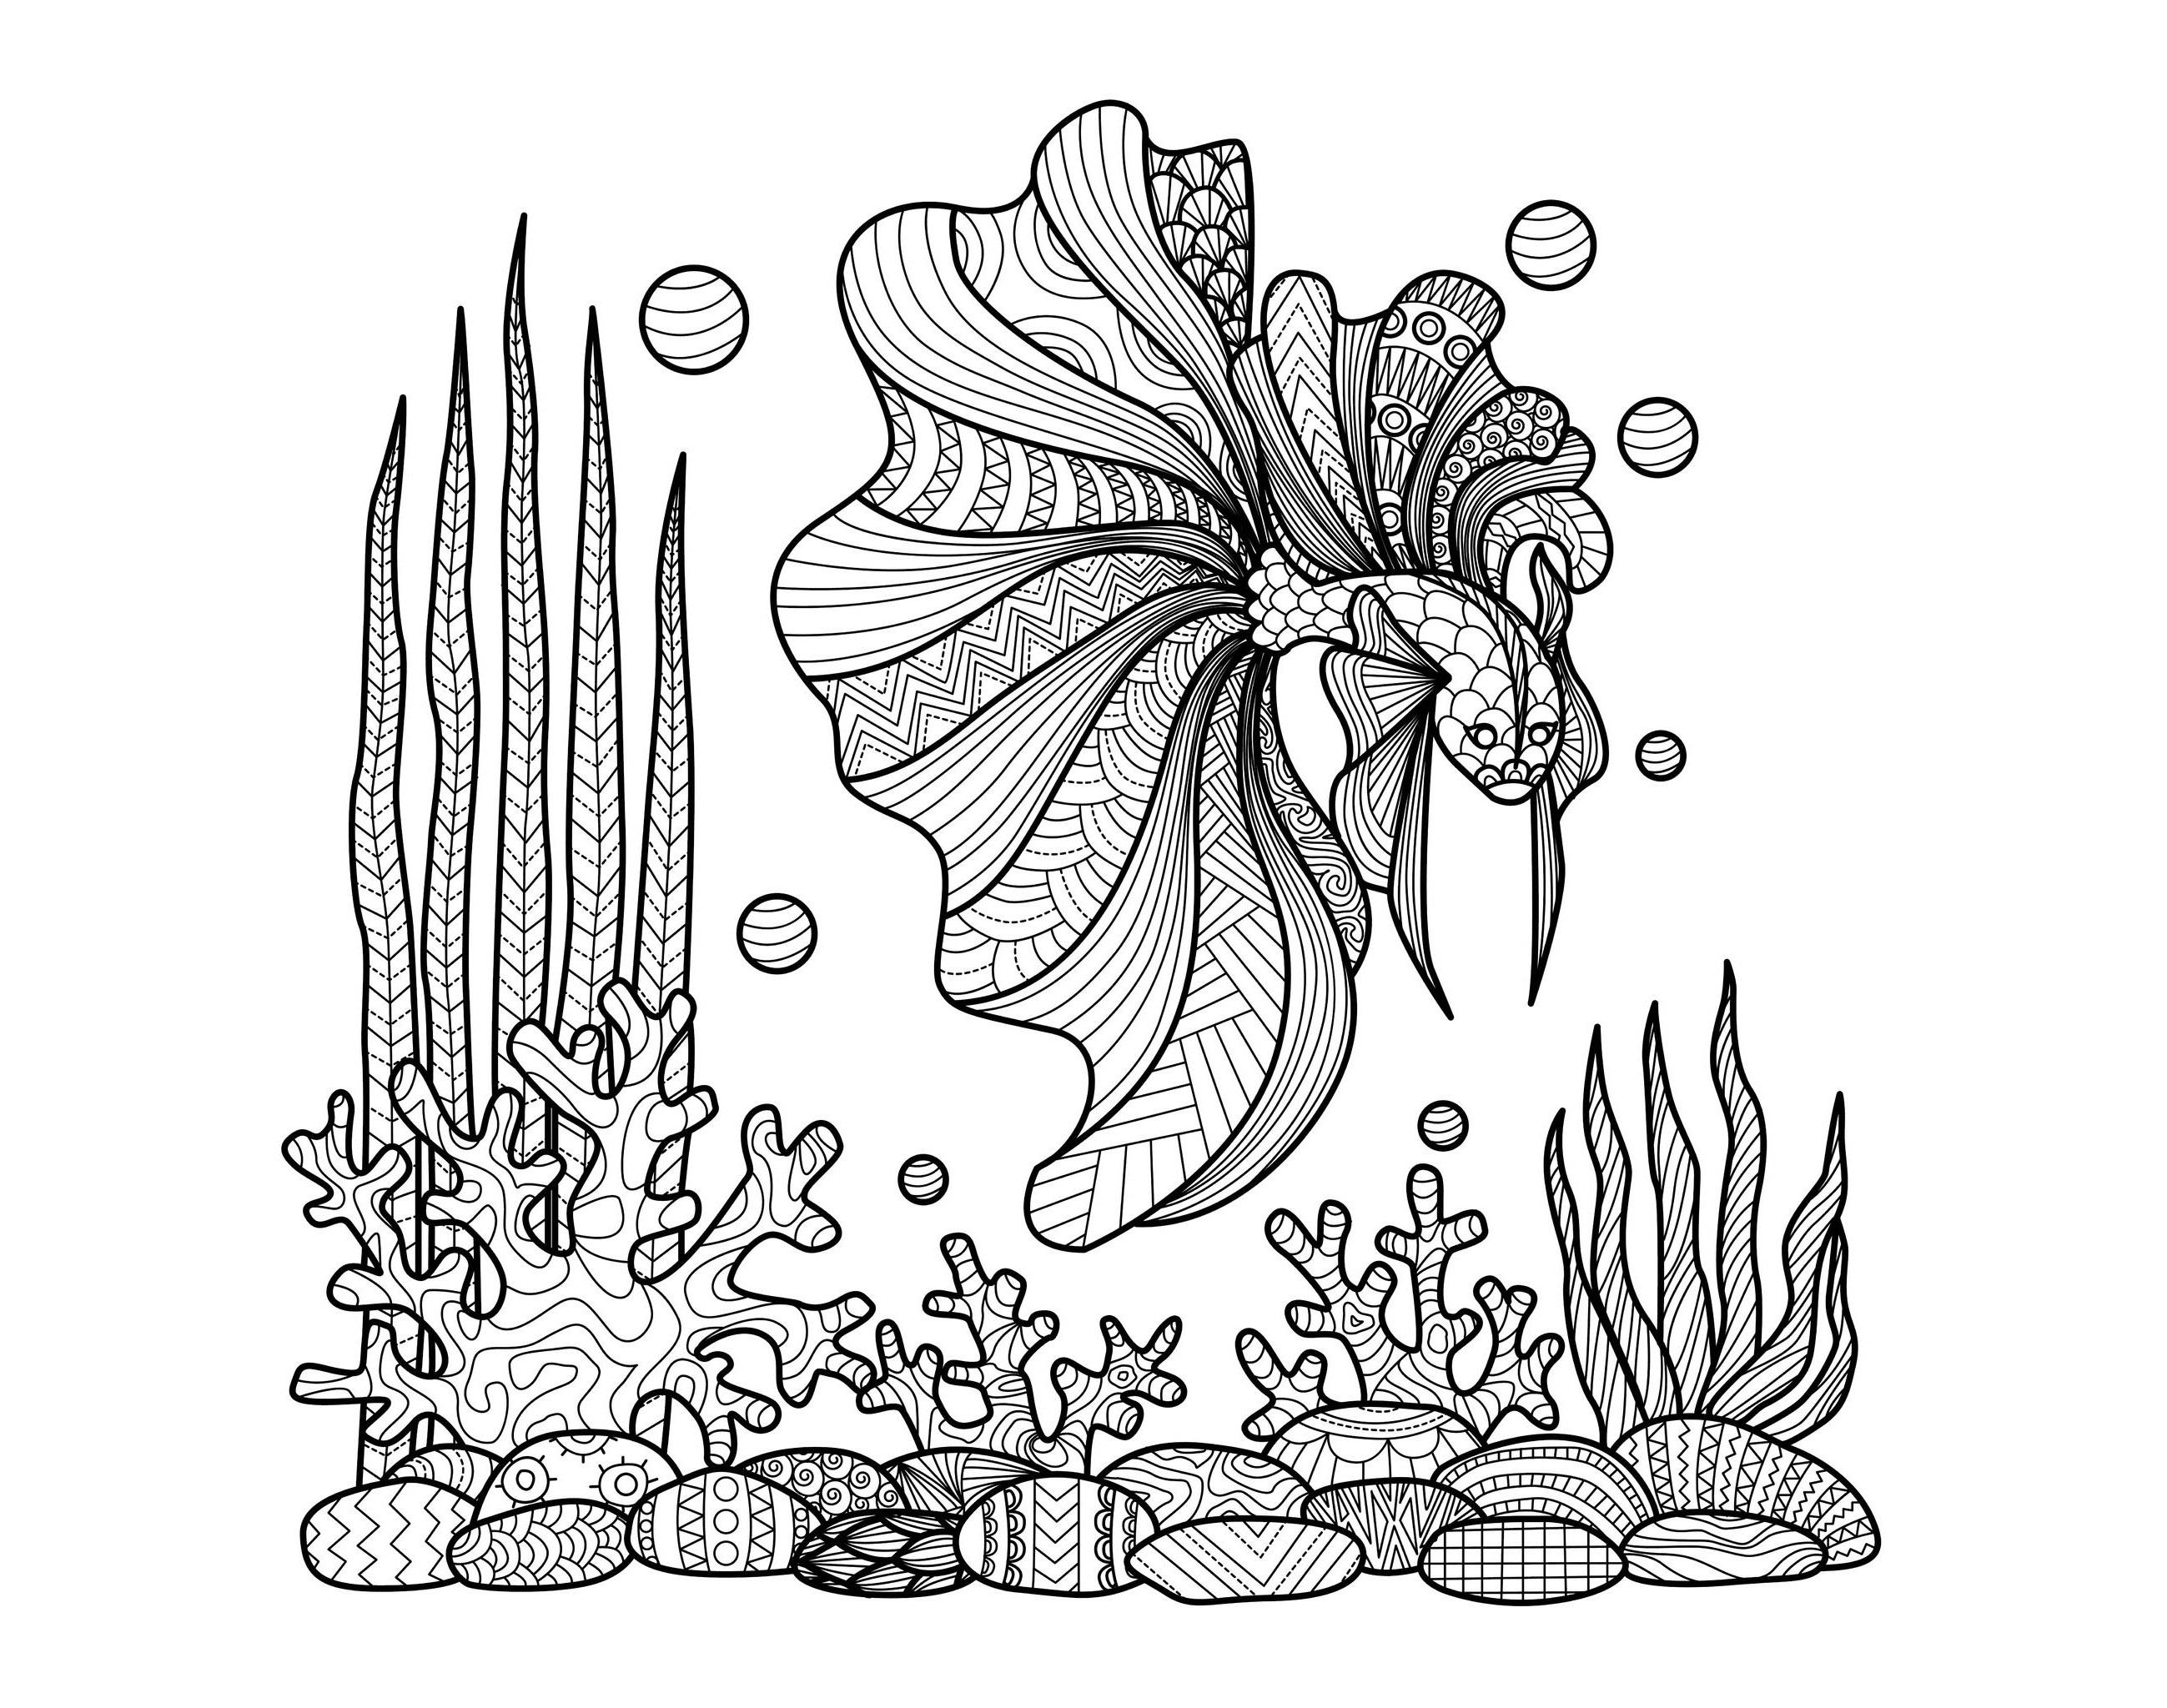 Zentangle poisson sur coraux zentangle coloriages - Coloriage pour adulte ...